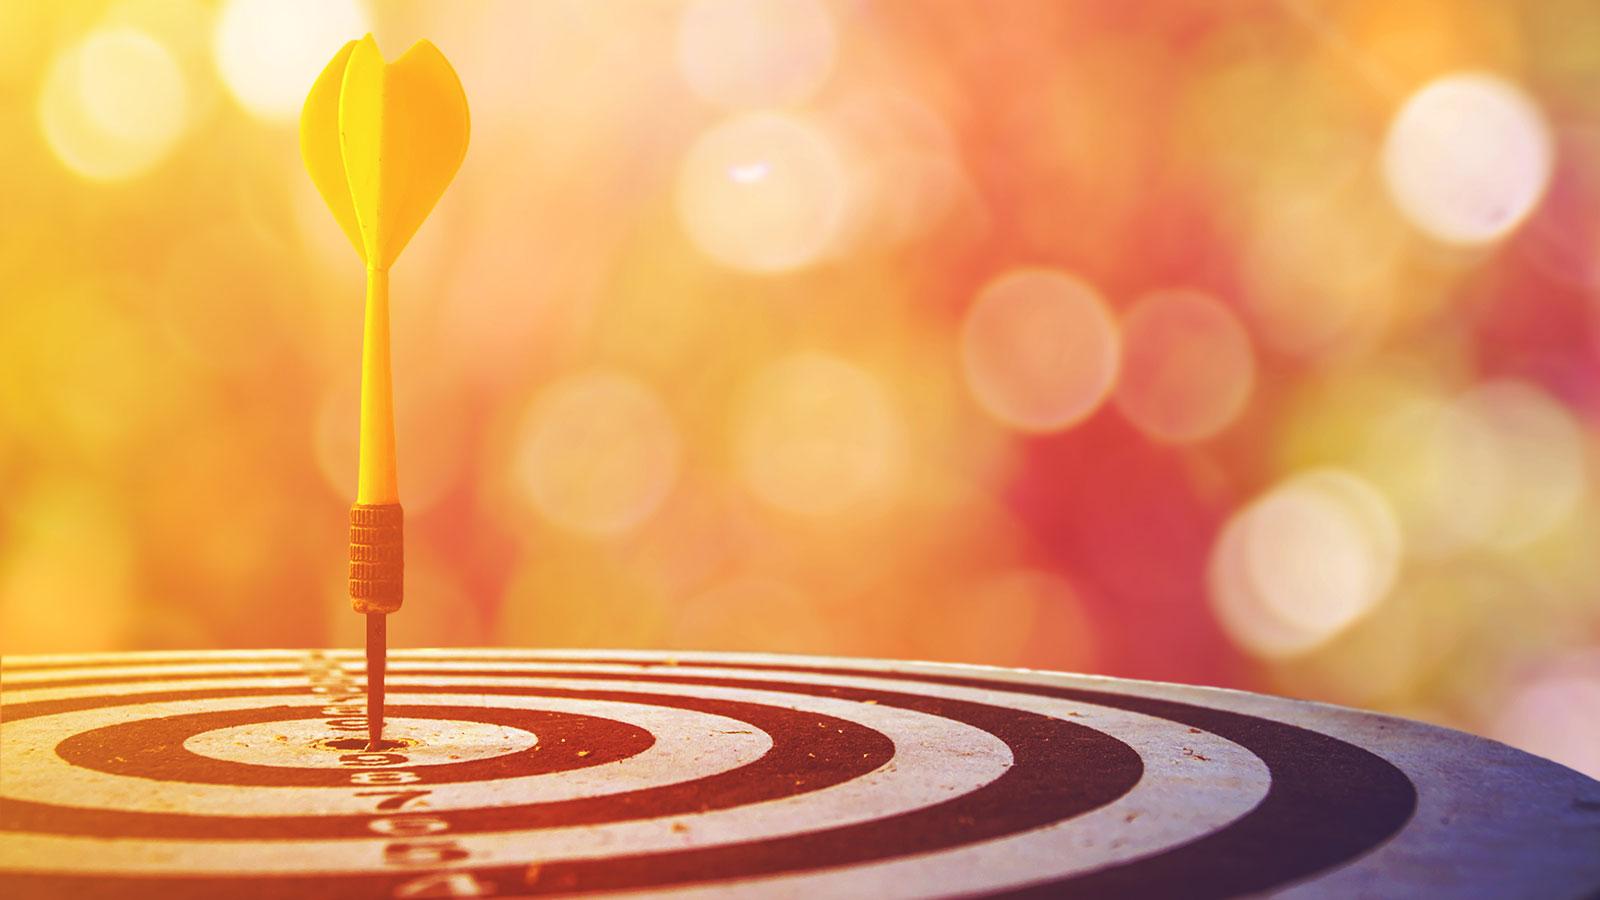 ریتارگتینگ چیست و چرا کسبوکارها به آن نیاز دارند؟